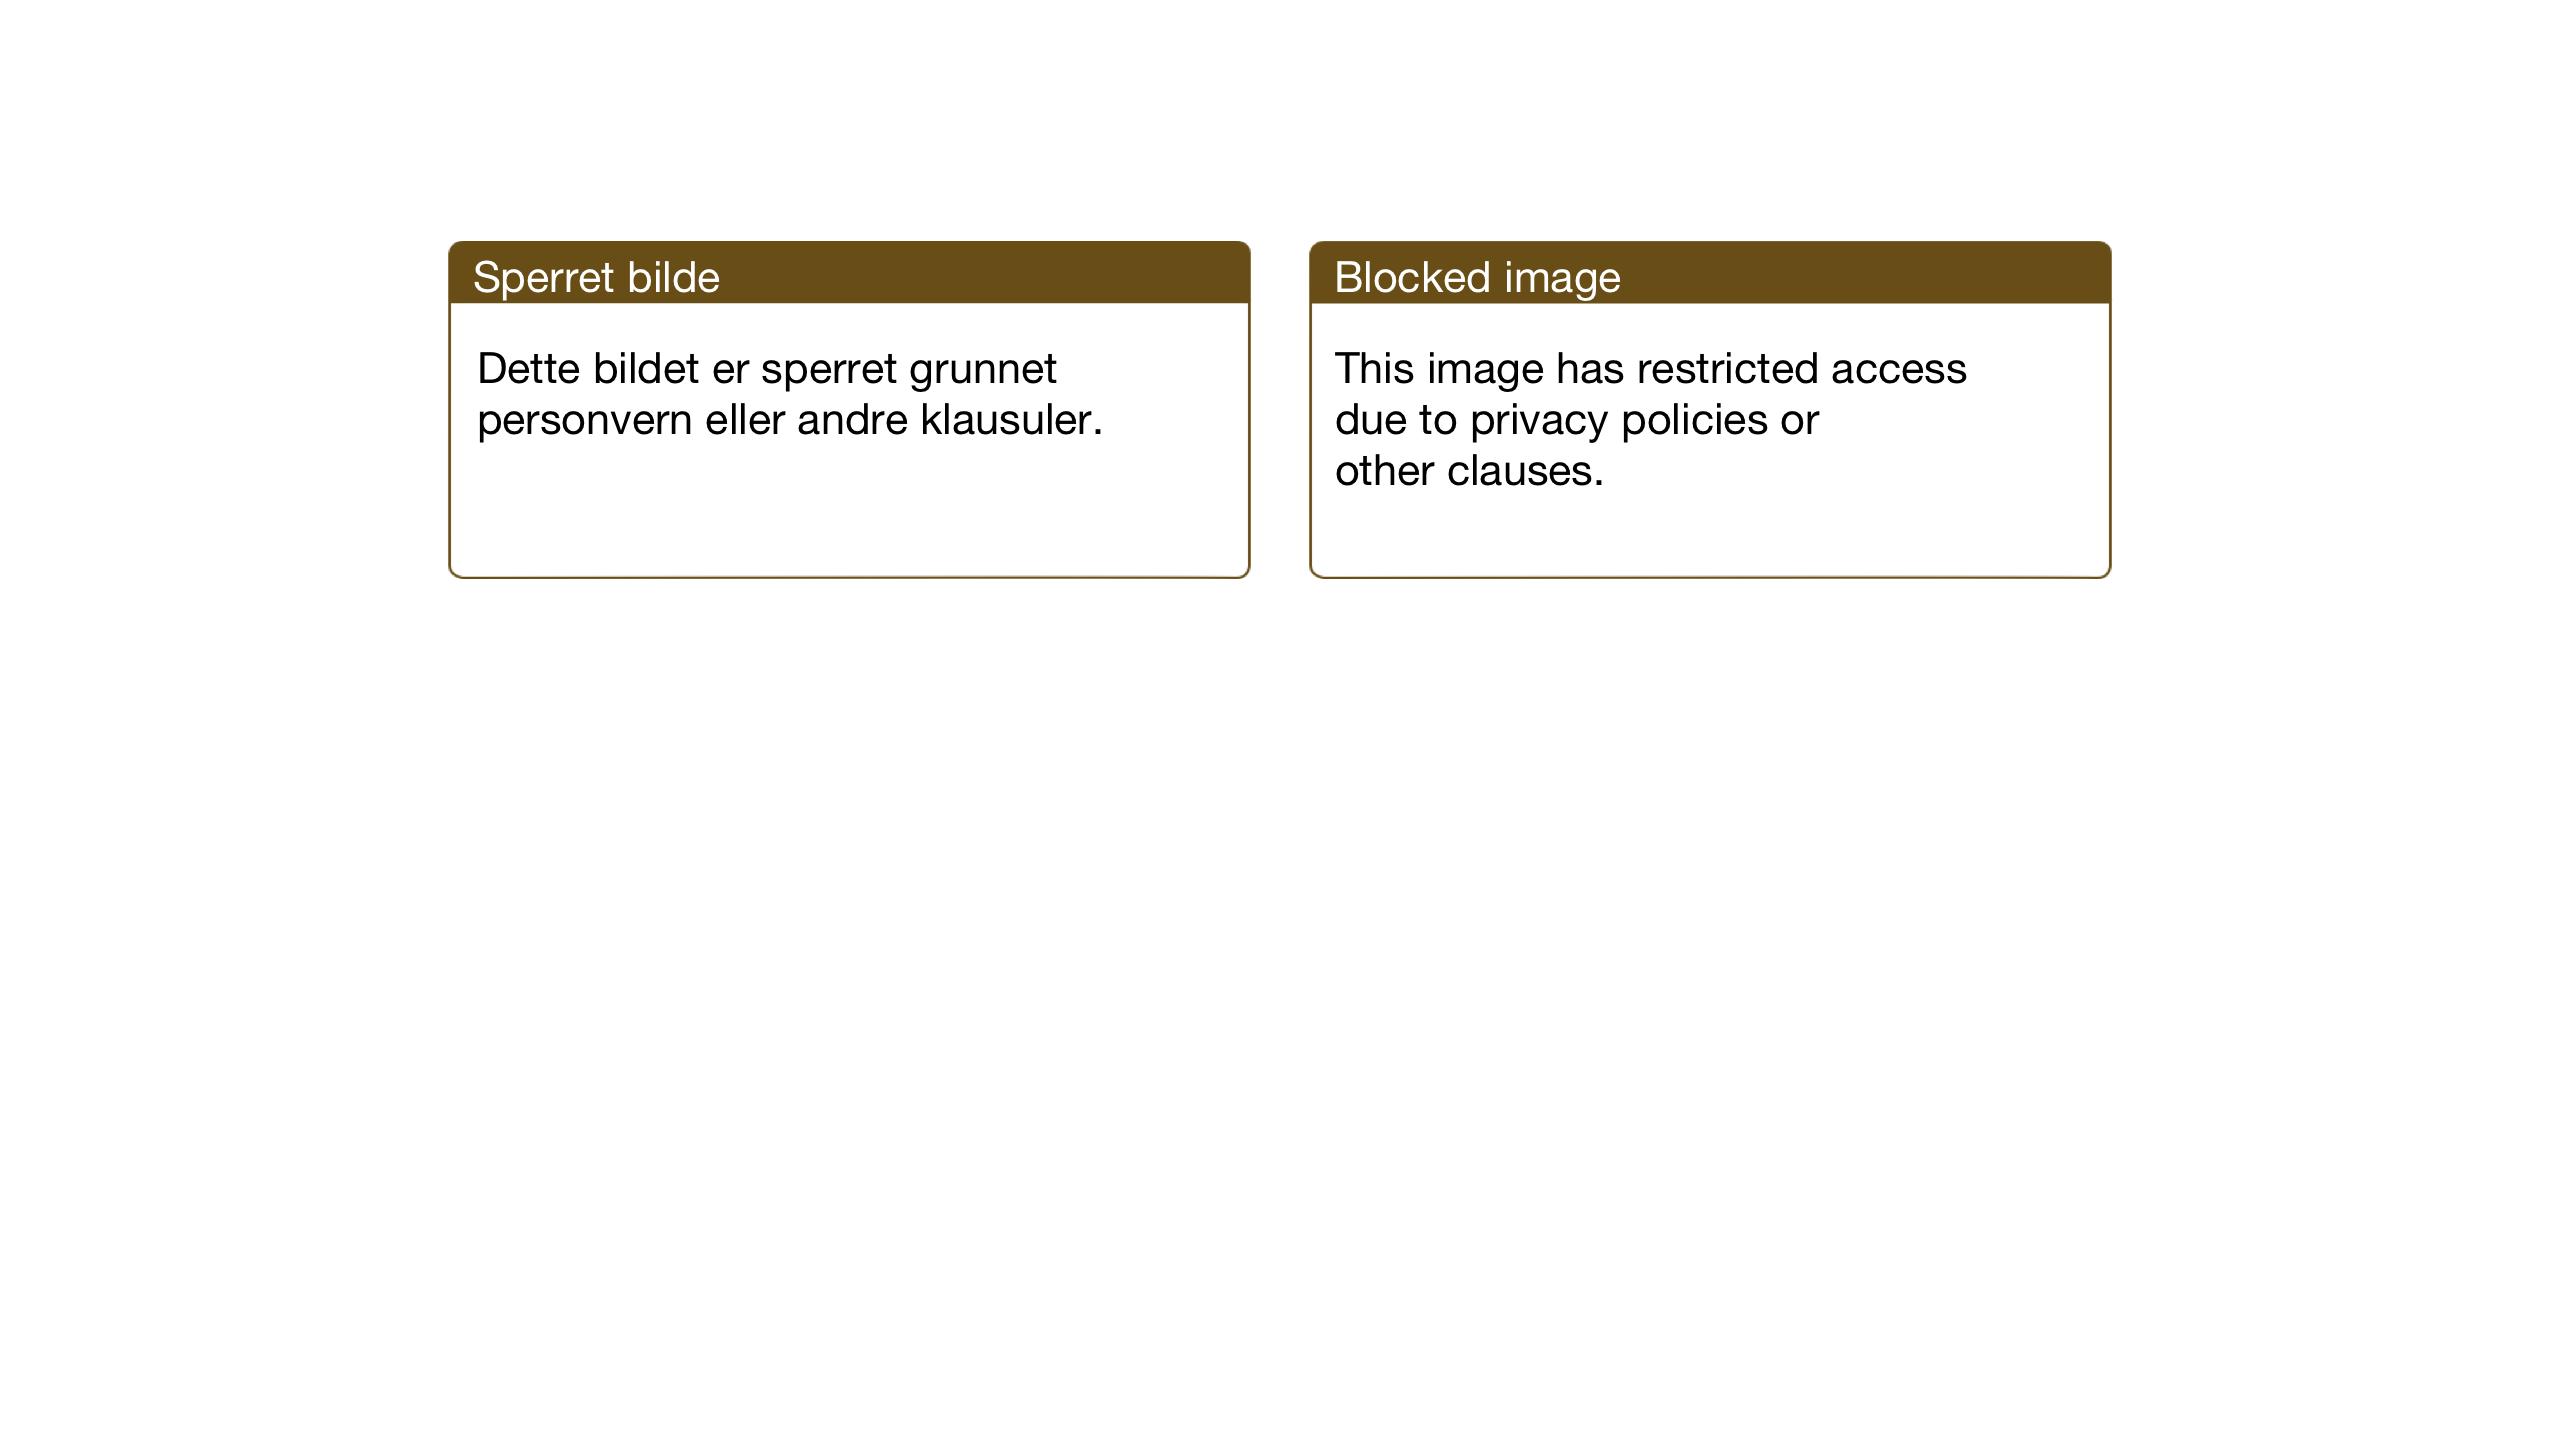 SAT, Ministerialprotokoller, klokkerbøker og fødselsregistre - Sør-Trøndelag, 635/L0556: Klokkerbok nr. 635C04, 1943-1945, s. 65